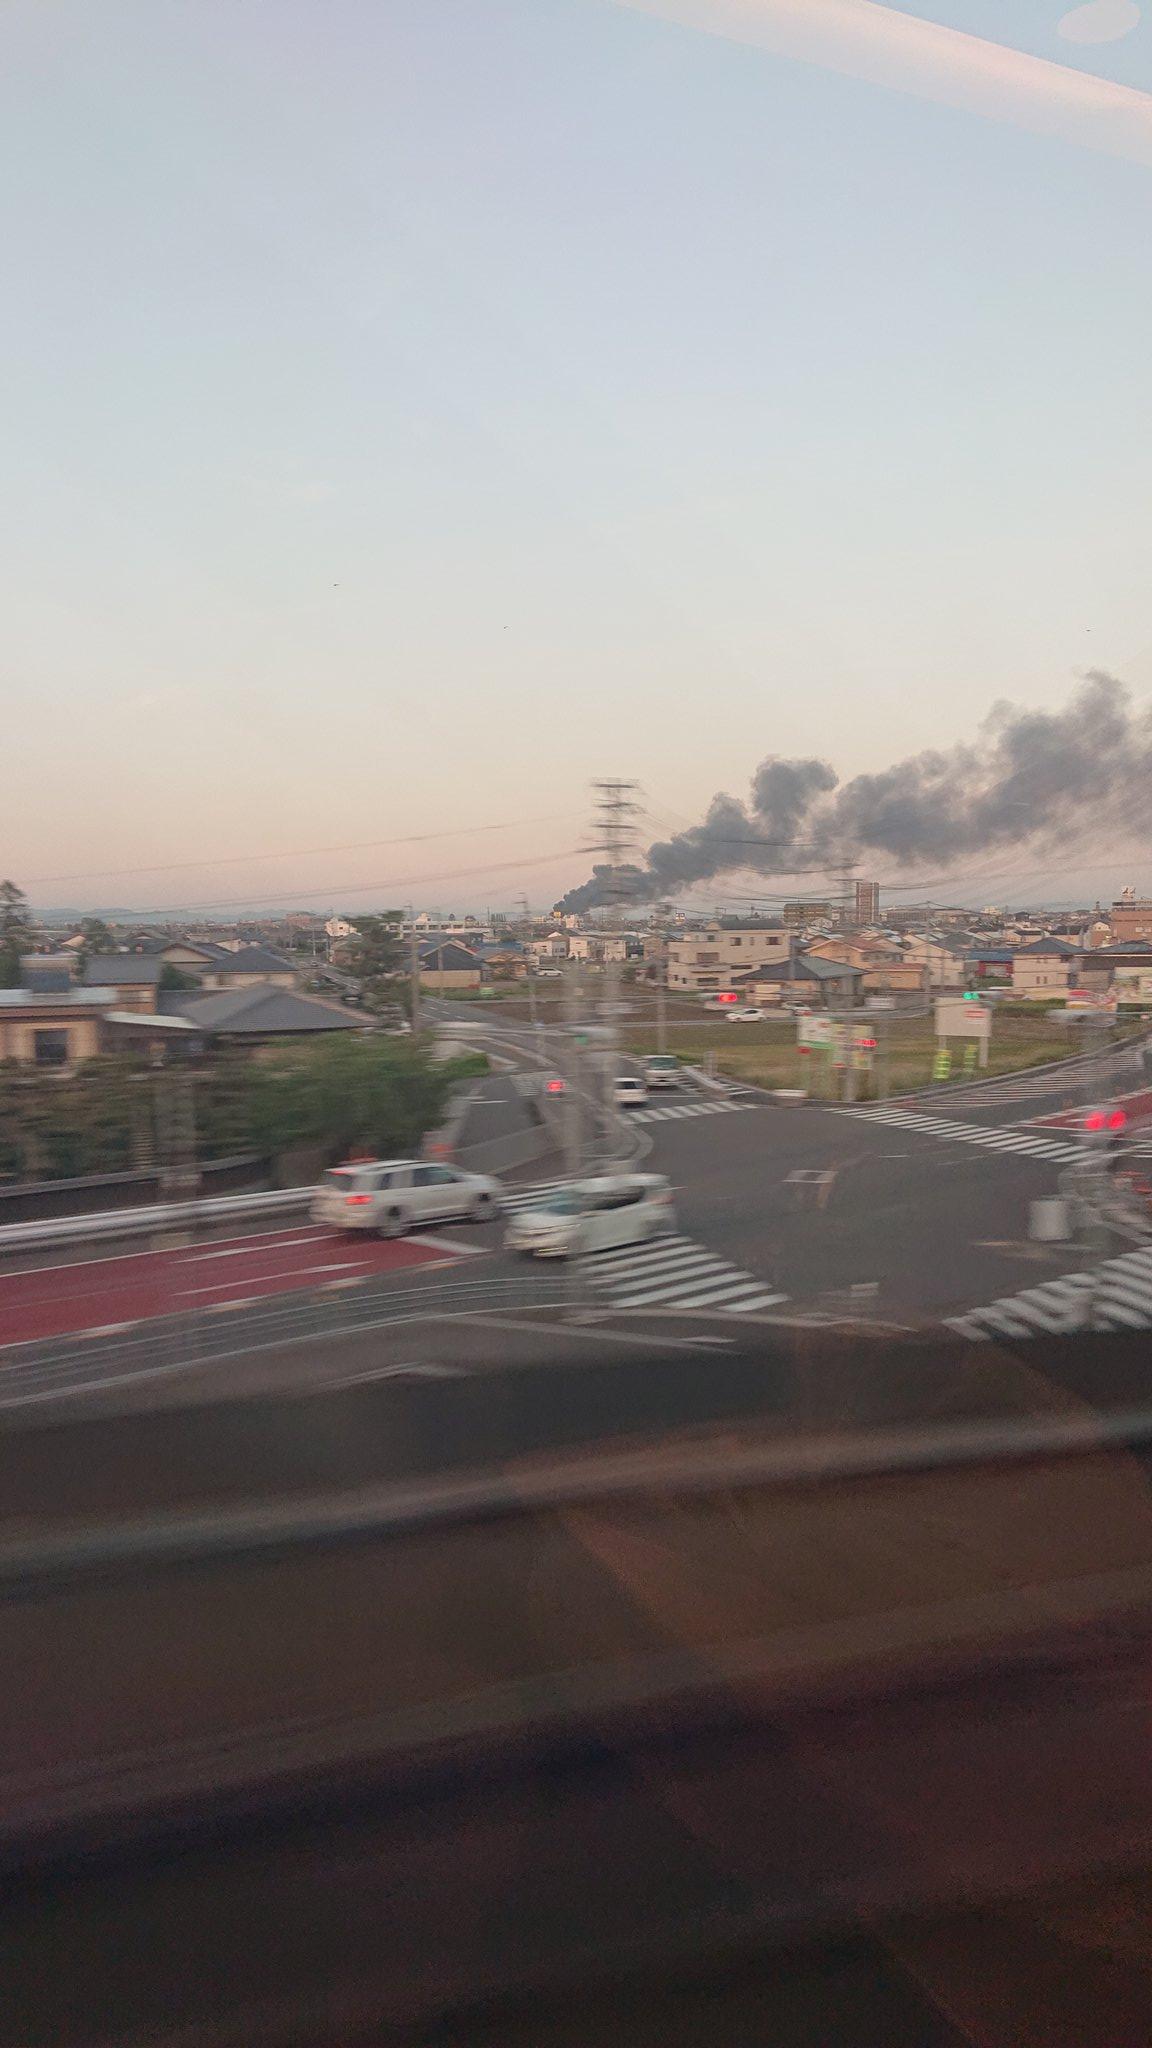 画像,岐阜のどこかで火事らしいこれは厄介そうだ https://t.co/JFUvTiwjym。